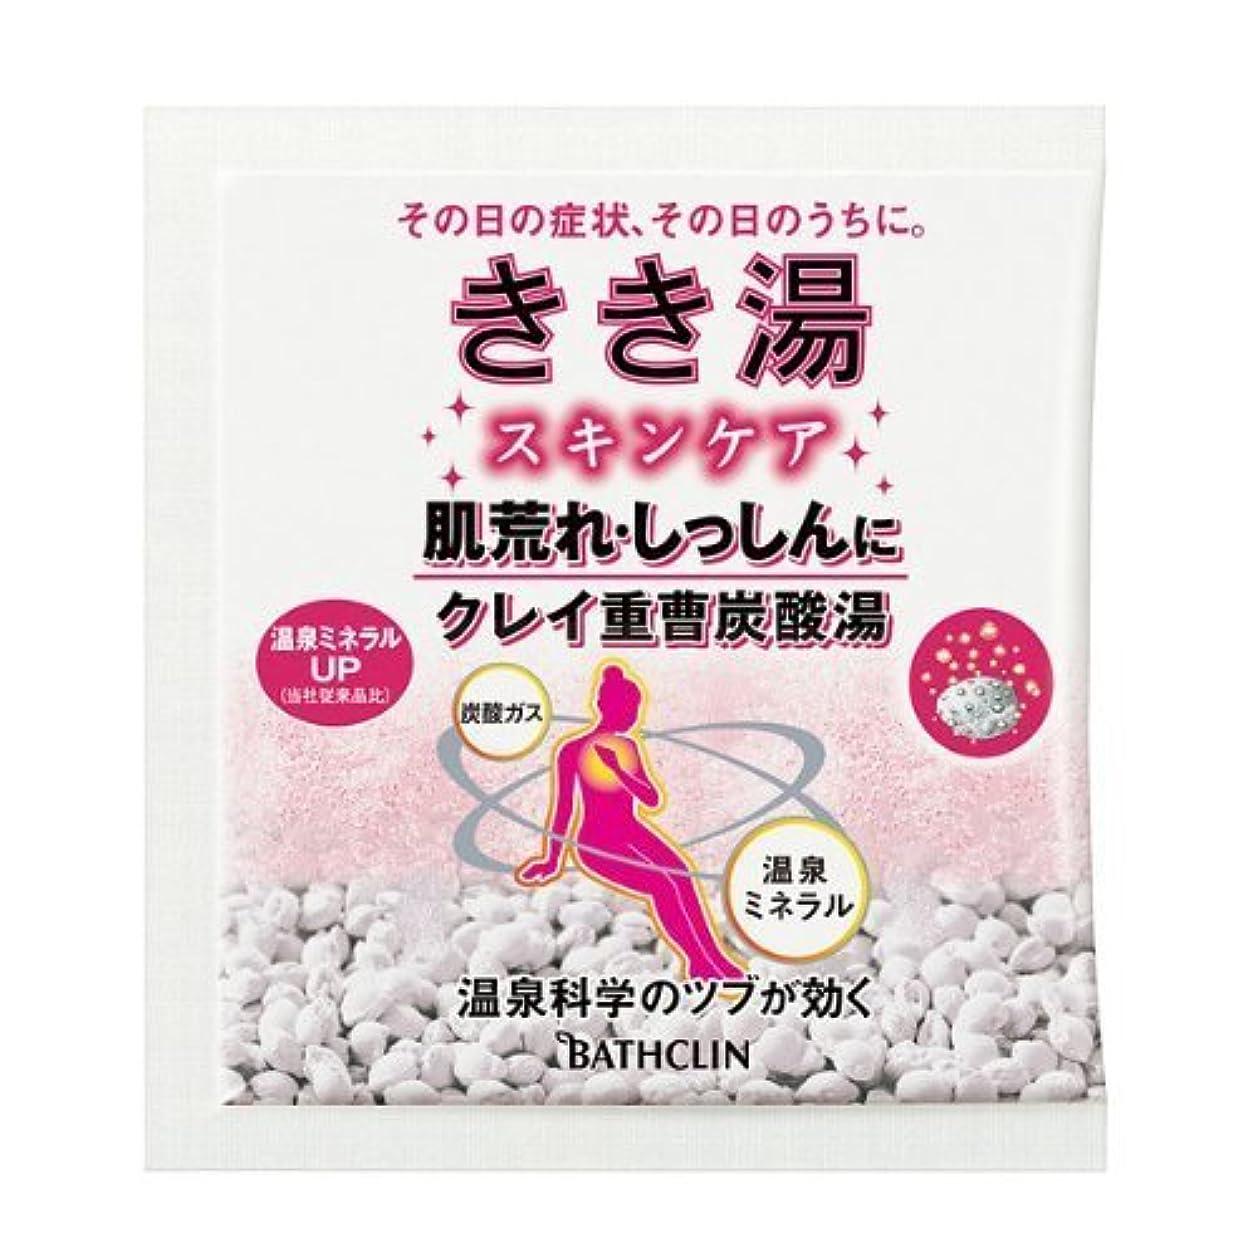 バスクリン きき湯 クレイ重曹炭酸湯 30g 【医薬部外品】 4548514136632